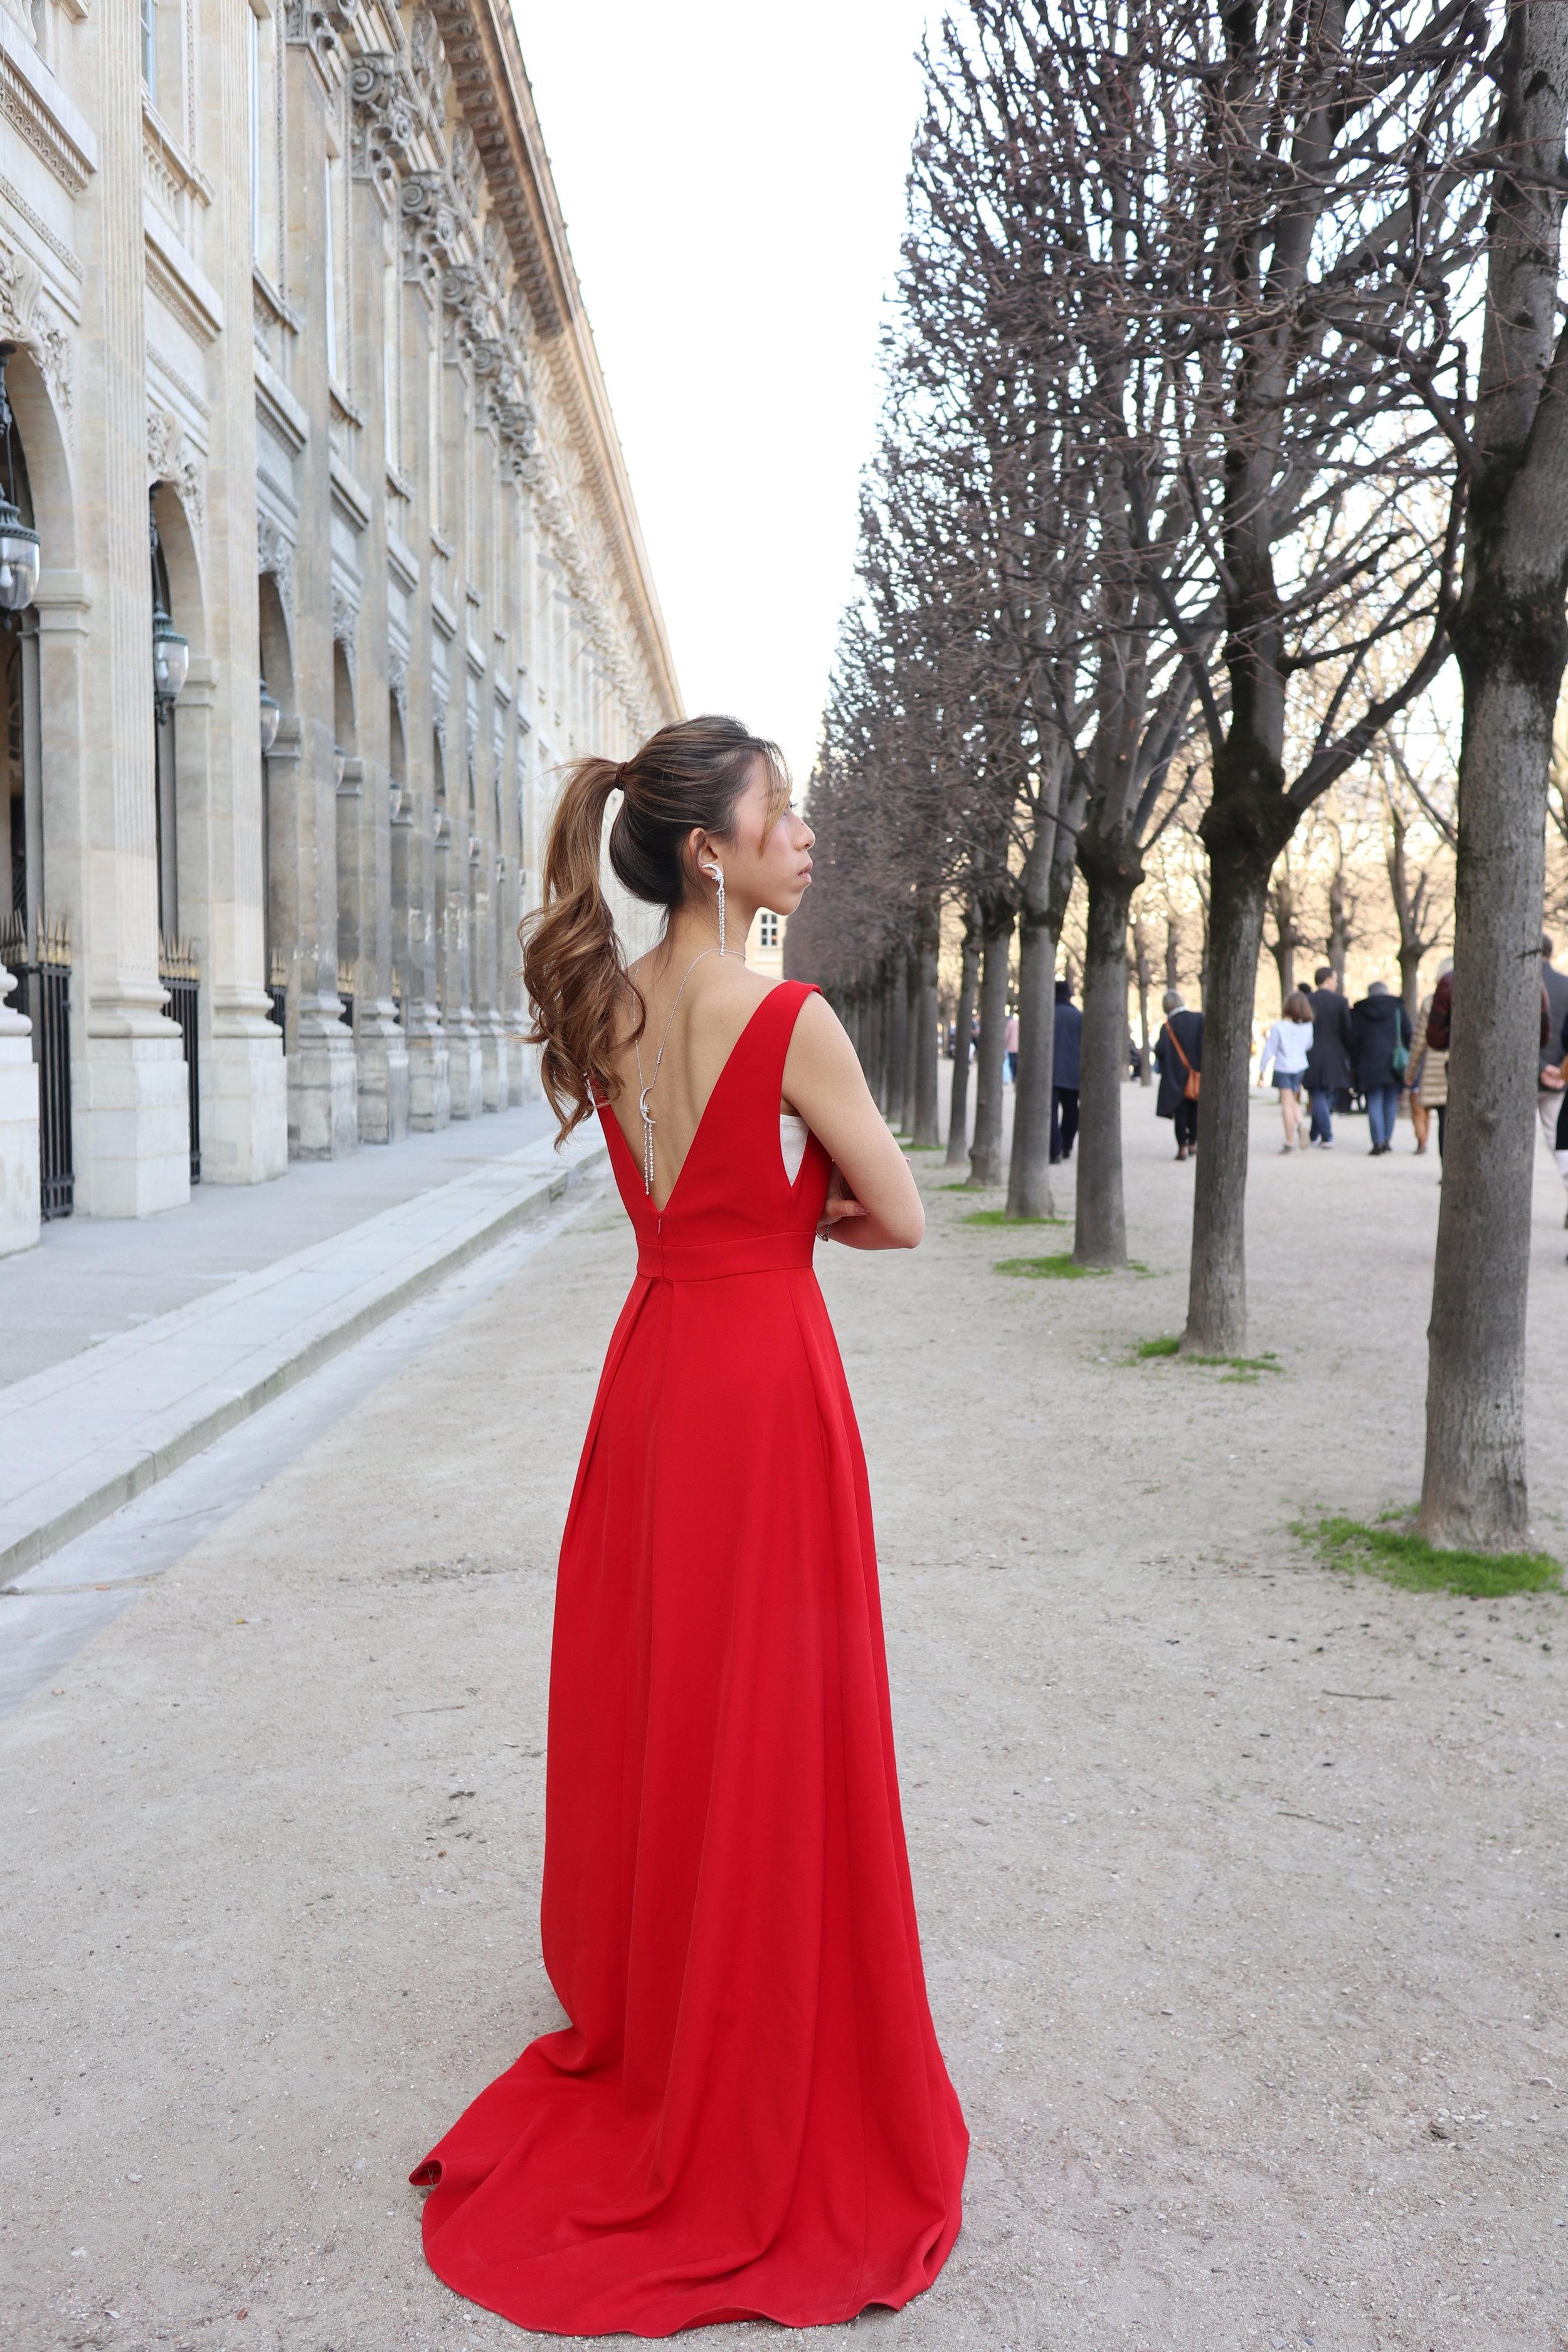 - Dress: CASPIALILI Abby (red)Accessories: APM MONACO Silver MÉTÉORITES DE NOËL Long Necklace